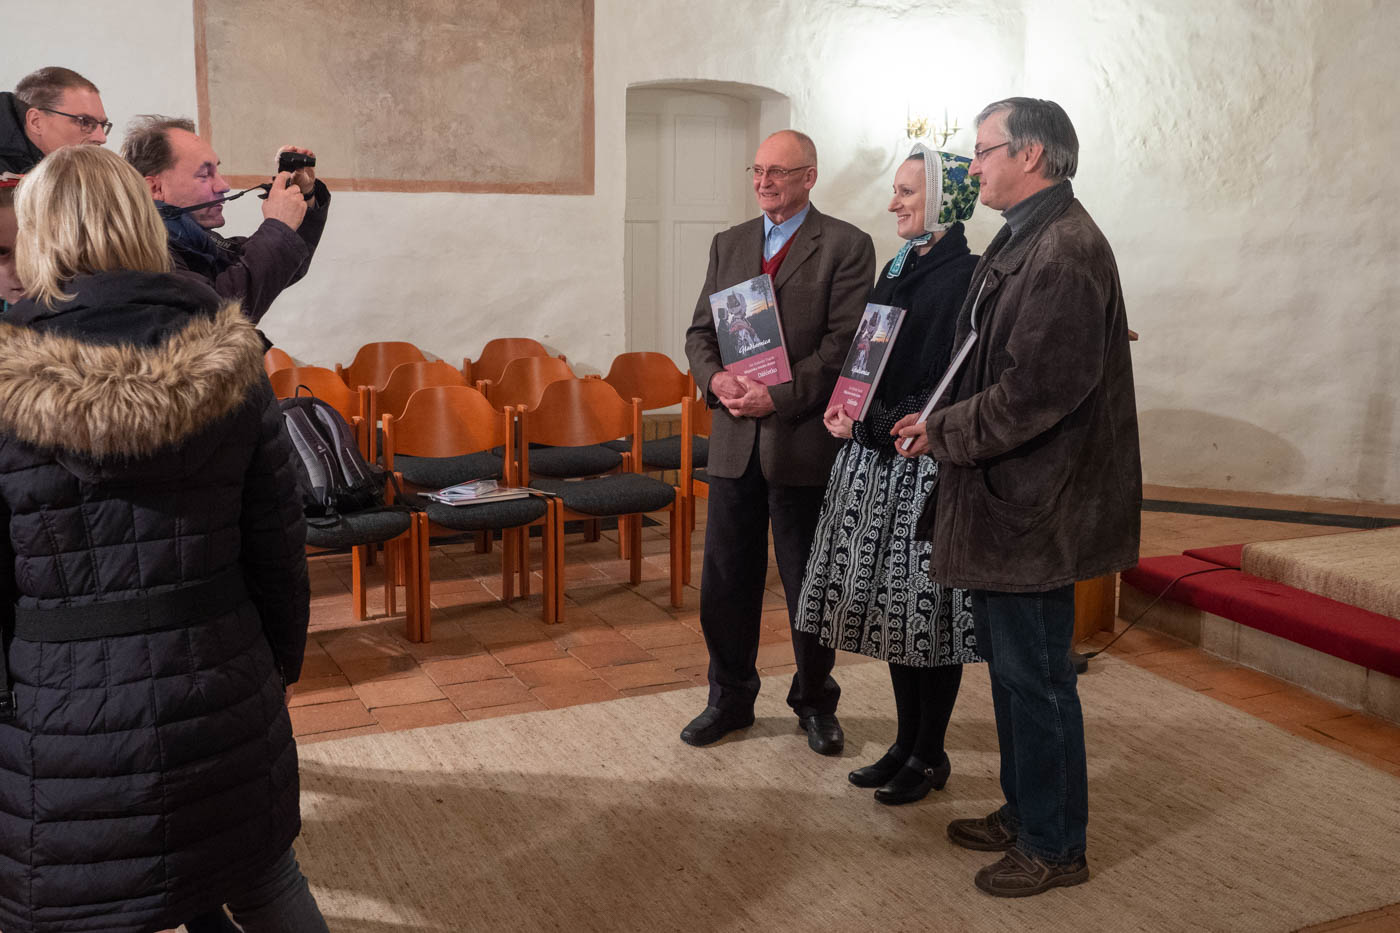 Die Buchvorstellung erfolgte im Rahmen einer musikalisch umrahmten Präsentation am 23. November 2018 in die Kirche Schleife.